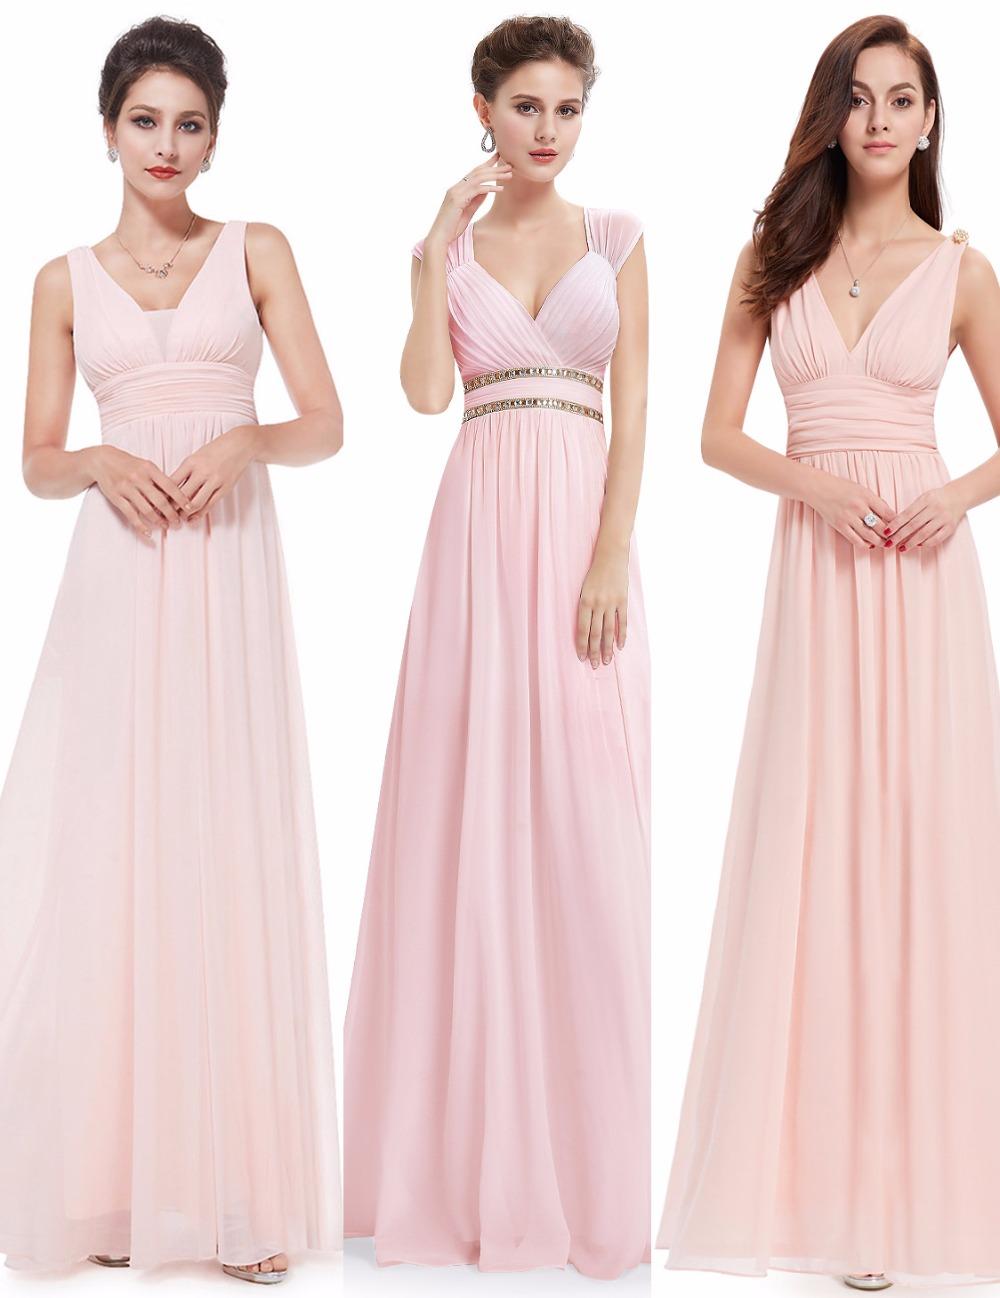 [해외]적 예쁜 여자 우아한 숙녀 긴 들러리 들러리 드레스 V-Neck 시폰 민Retail 스파게티 웨딩을백업 드레스/Ever Pretty Women Elegant Ladies Long Bridesmaid Dresses V-Neck Chiffon Sleeveless S